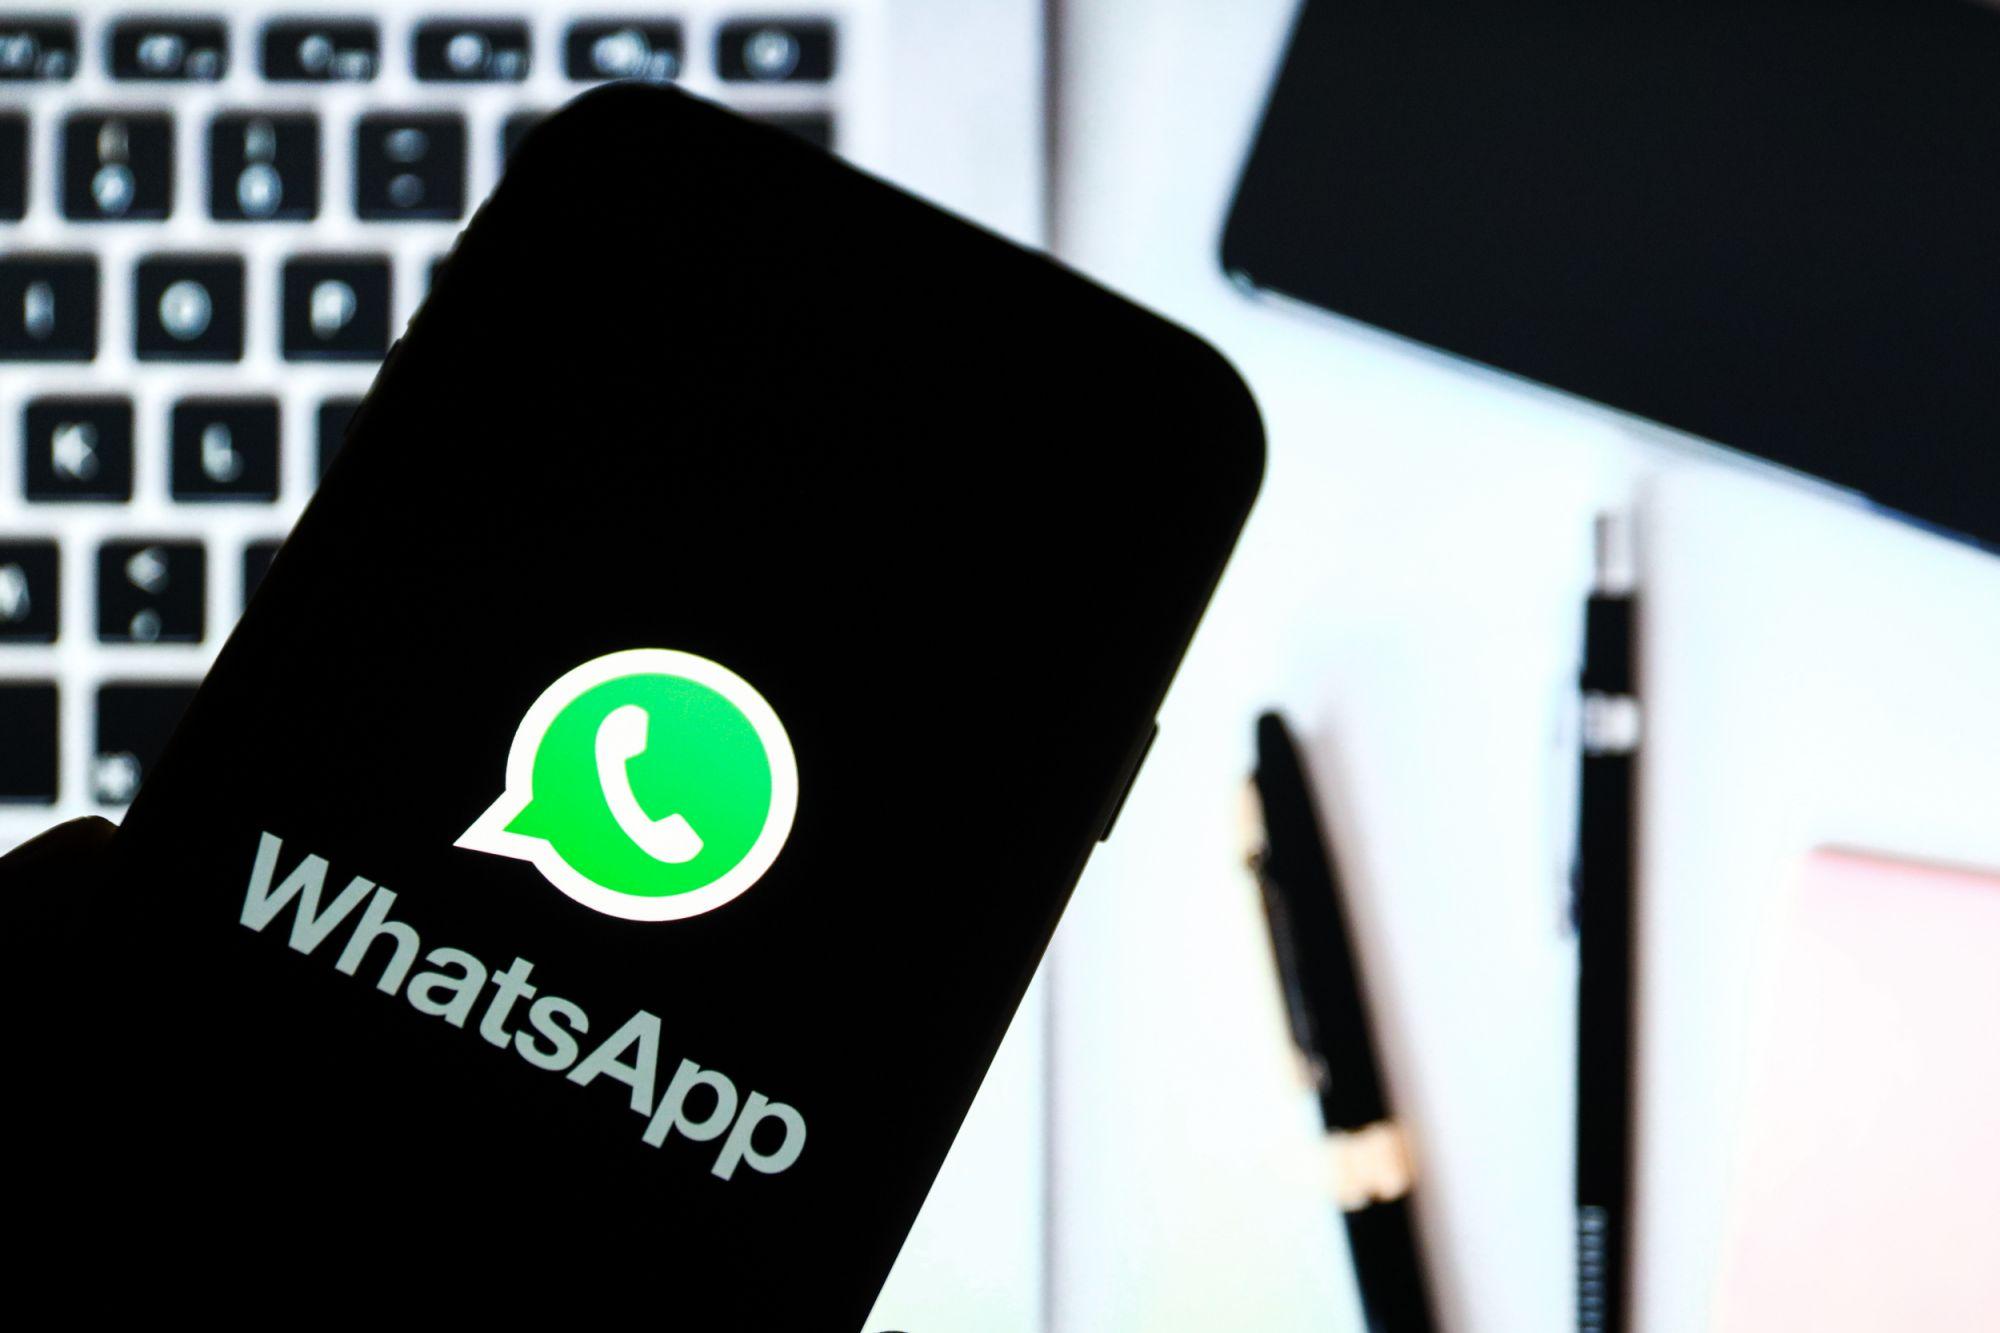 واتساپ پذیرش سیاست اشتراک دادهها با فیسبوک را برای کاربران عادی اختیاری میکند